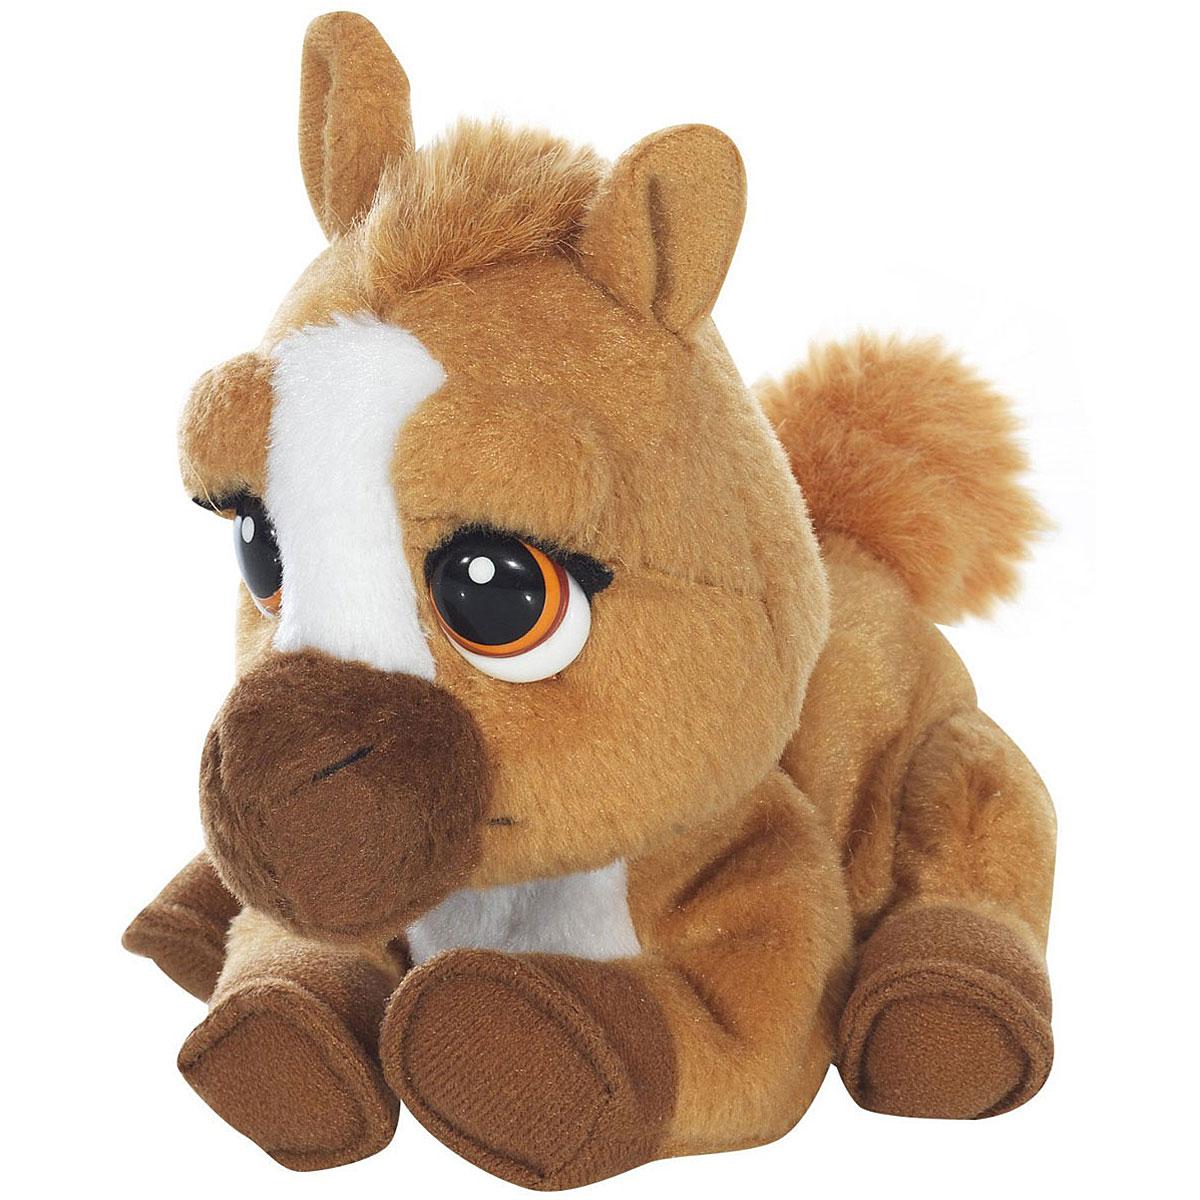 Emotion Pets Анимированная игрушка Little ToffeeGPH30277_коричневыйАнимированная игрушка Emotion Pets Little Toffee приведет в восторг вашего малыша. Приятная на ощупь игрушка выполнена в виде очаровательной лошадки с пластиковыми глазками. При нажатии на кнопку на ее спинке она виляет хвостиком, кивает головкой и поднимает одну лапку. Игрушка принесет ребенку много радости и станет верным другом на долгое время. Рекомендуется докупить 1 батарейку напряжением 1,5V типа АА (товар комплектуется демонстрационной).